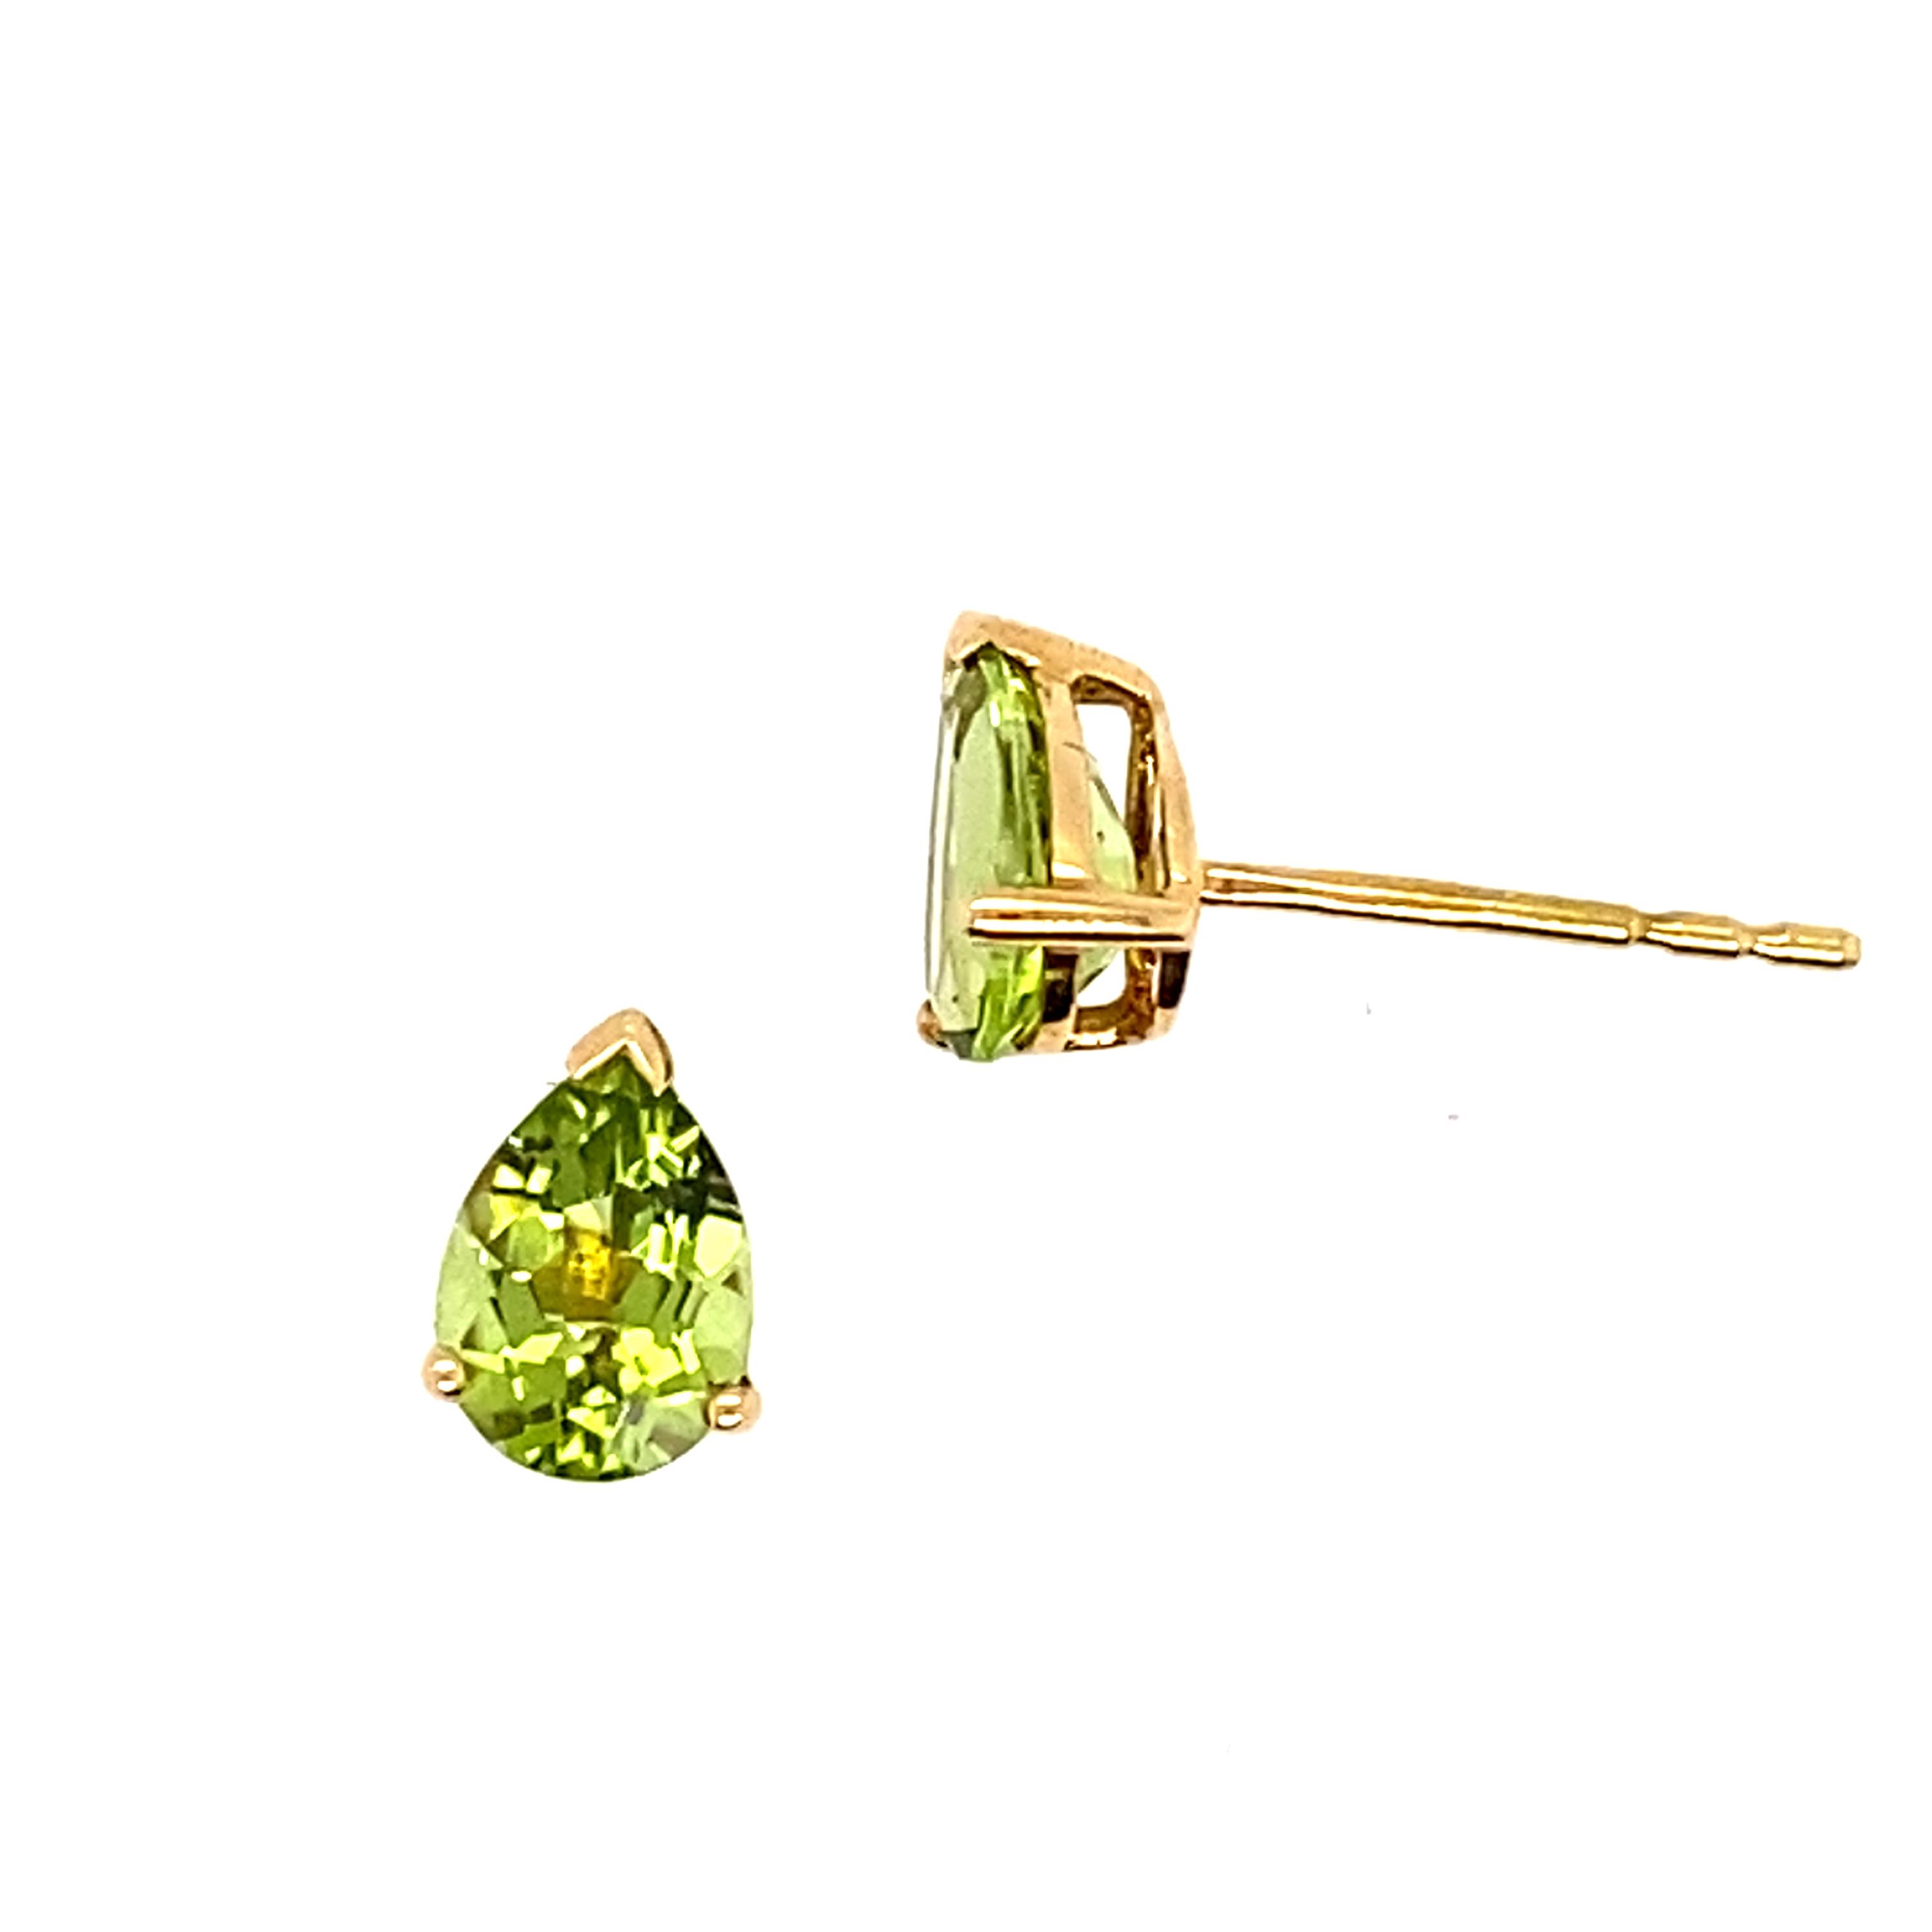 18ct Yellow Gold Pear Shaped Peridot Stud Earrings